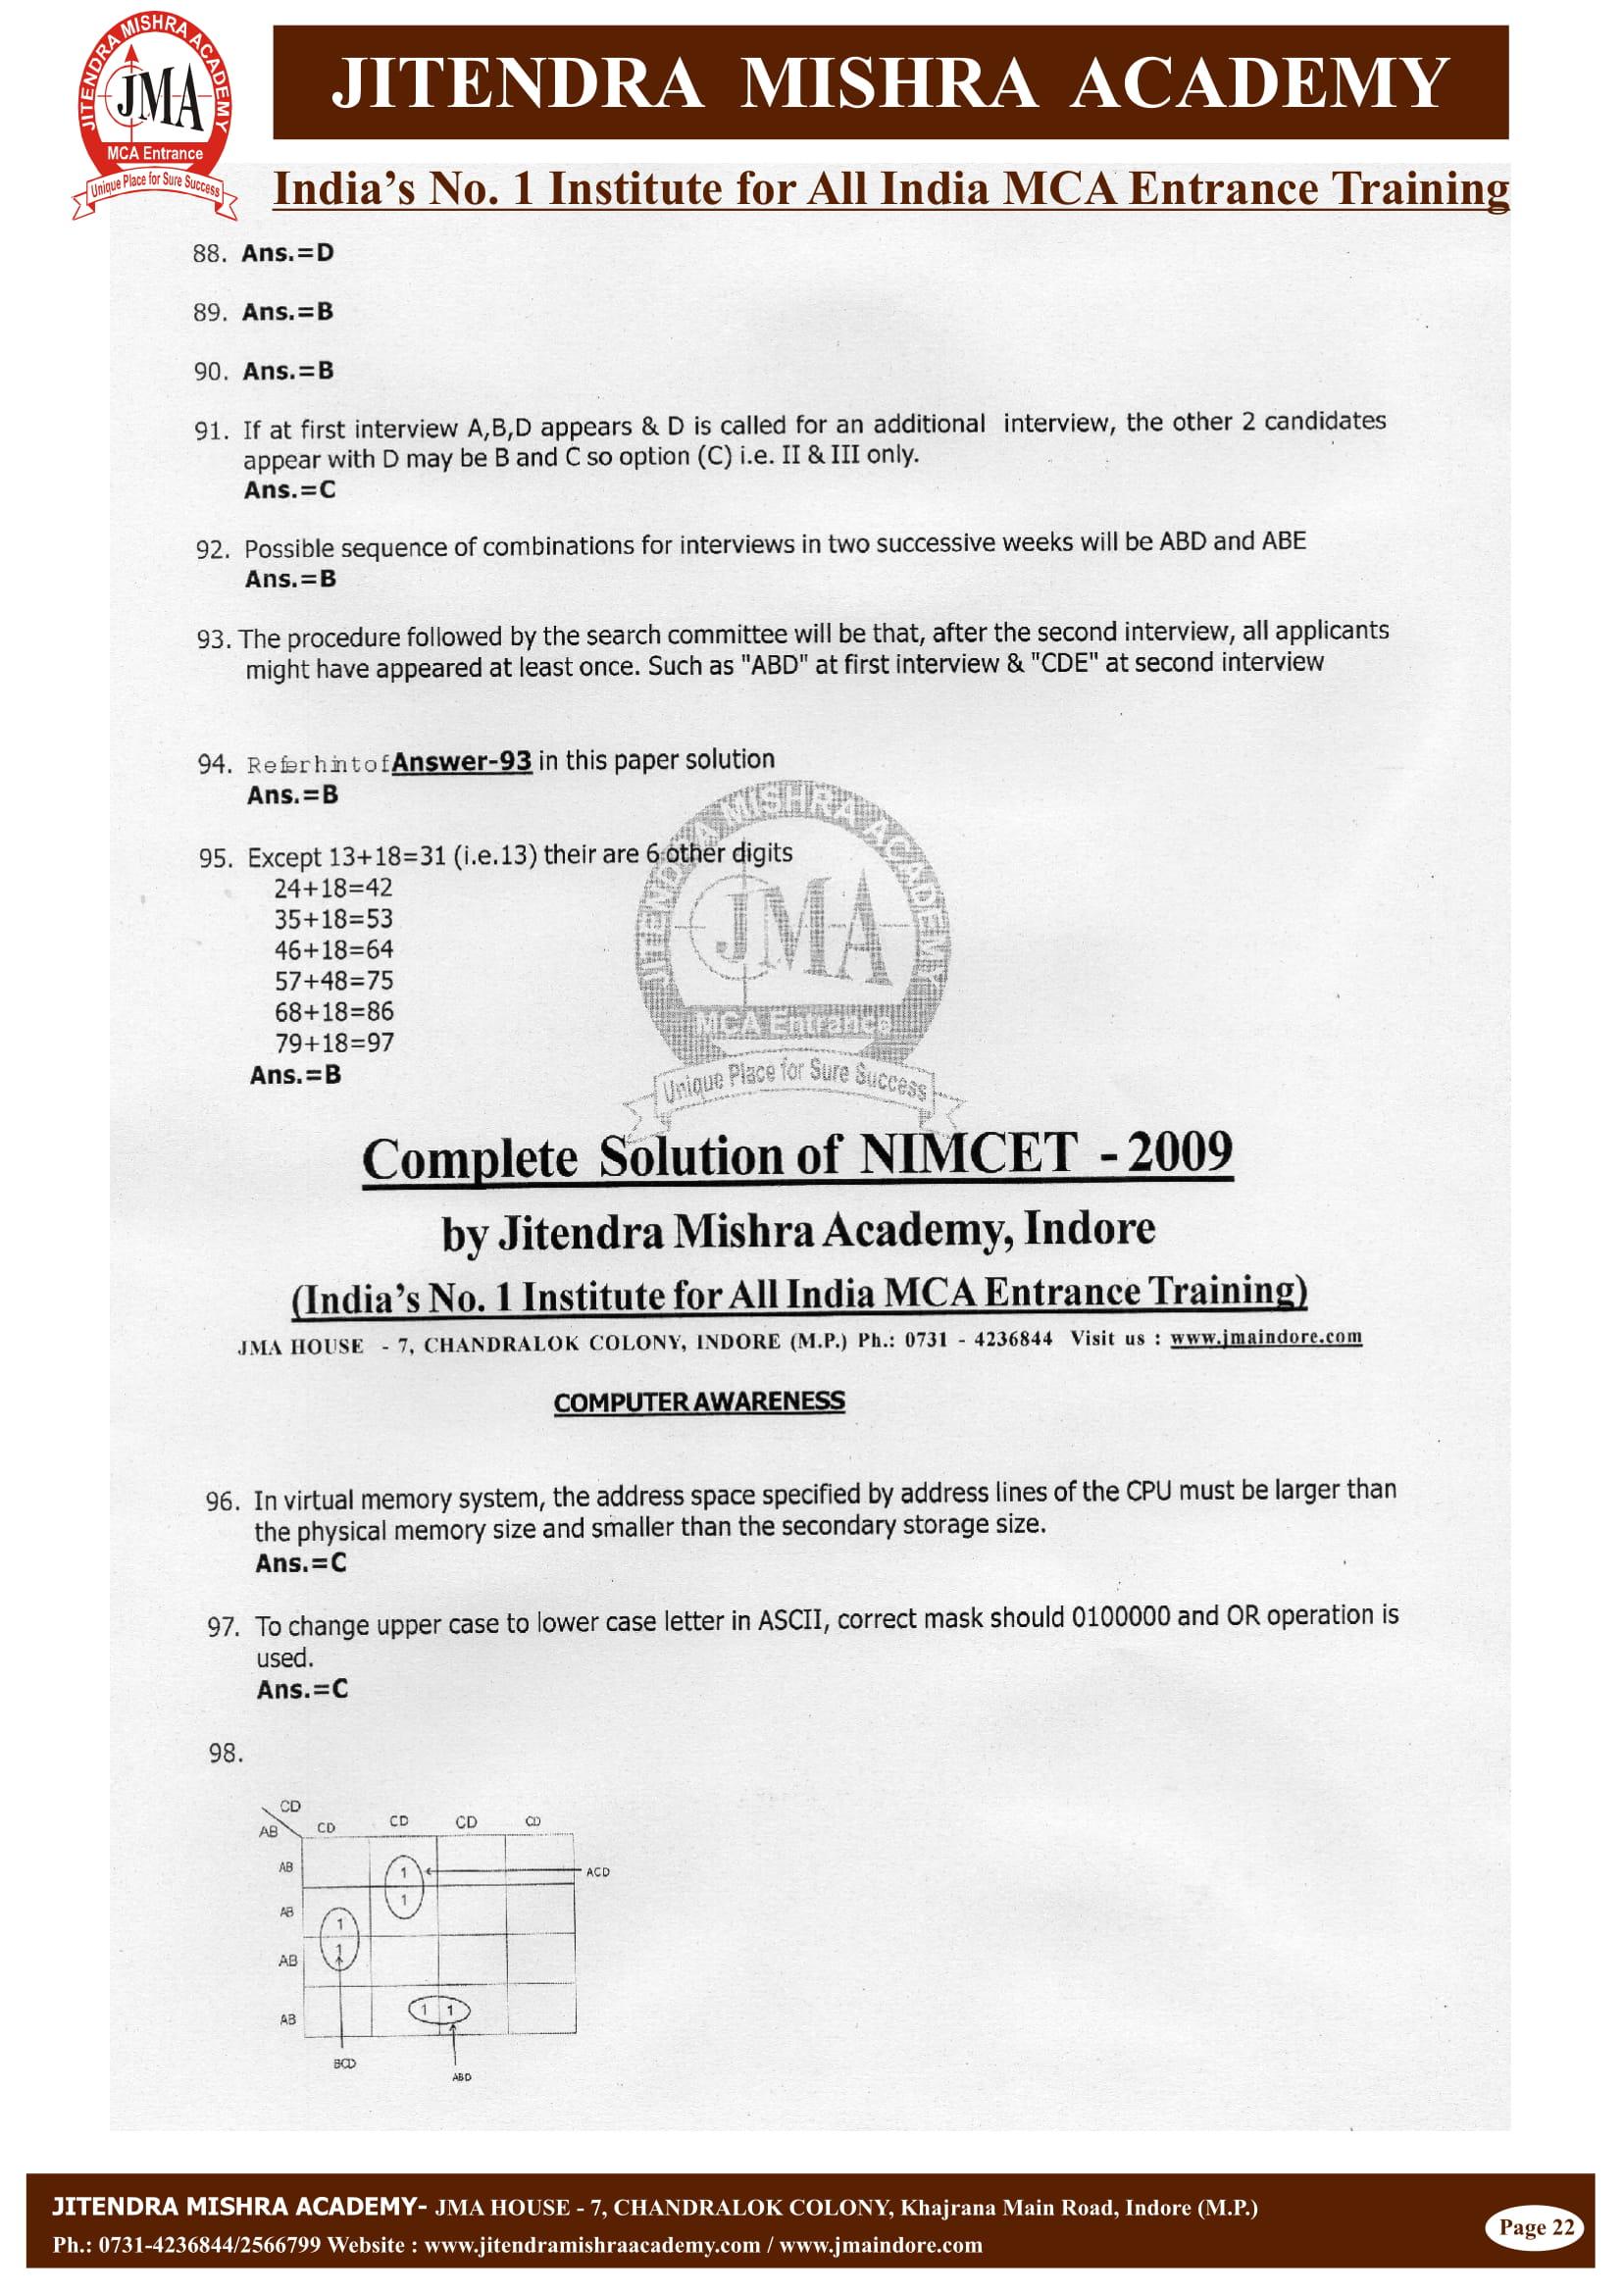 NIMCET - 2009 (SOLUTION)-23